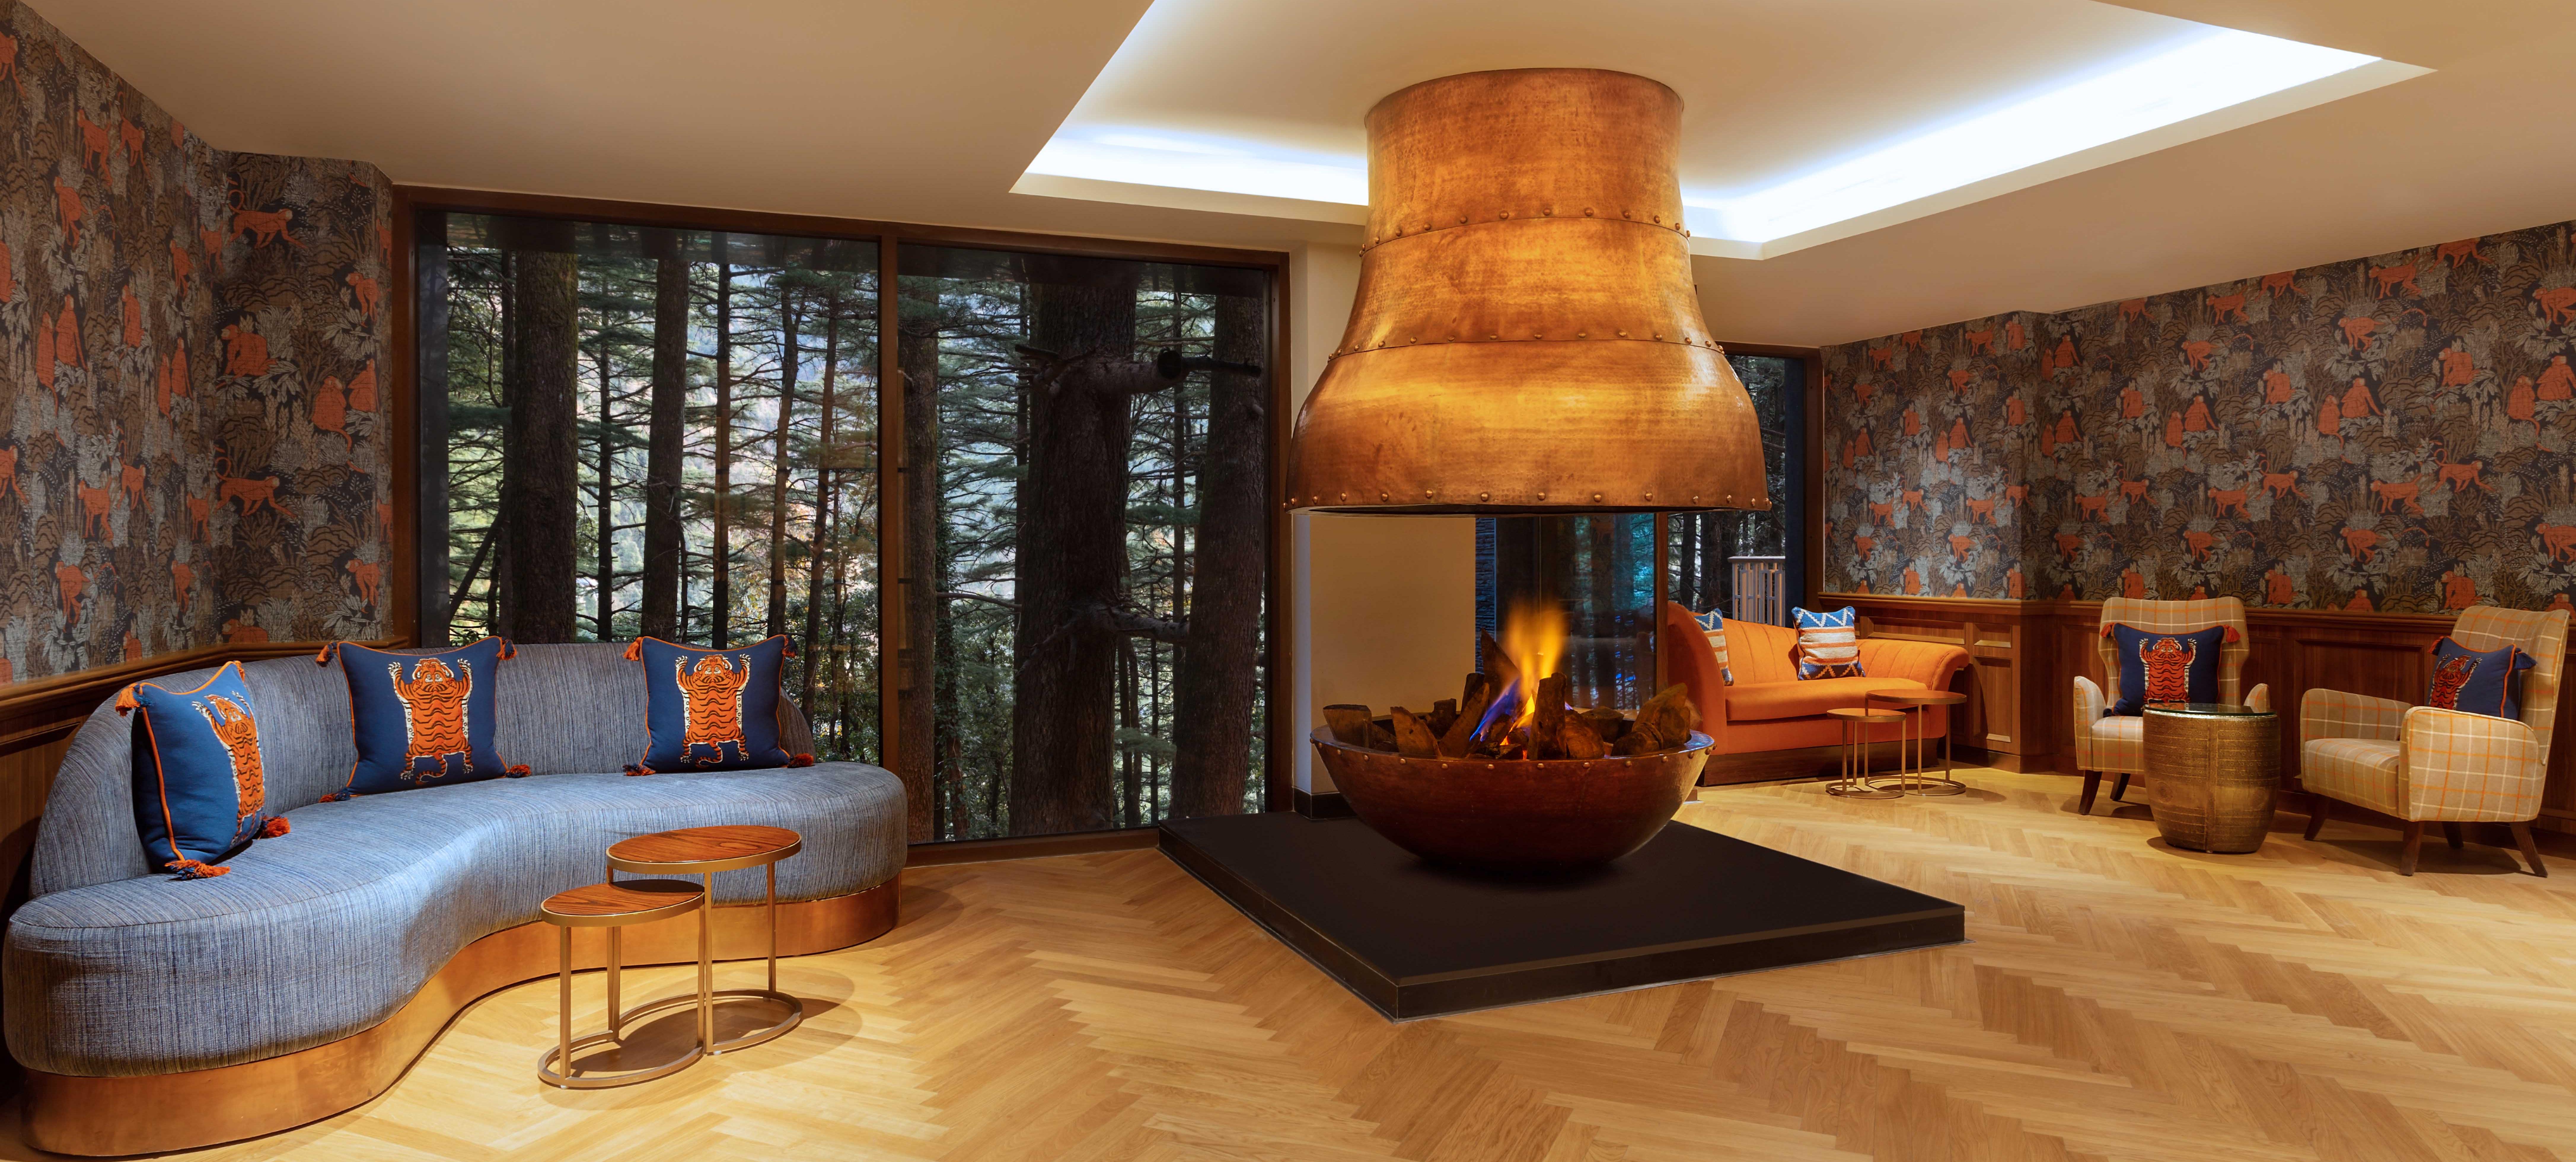 Hyatt-Regency-Dharamshala-Resort-Fireplace